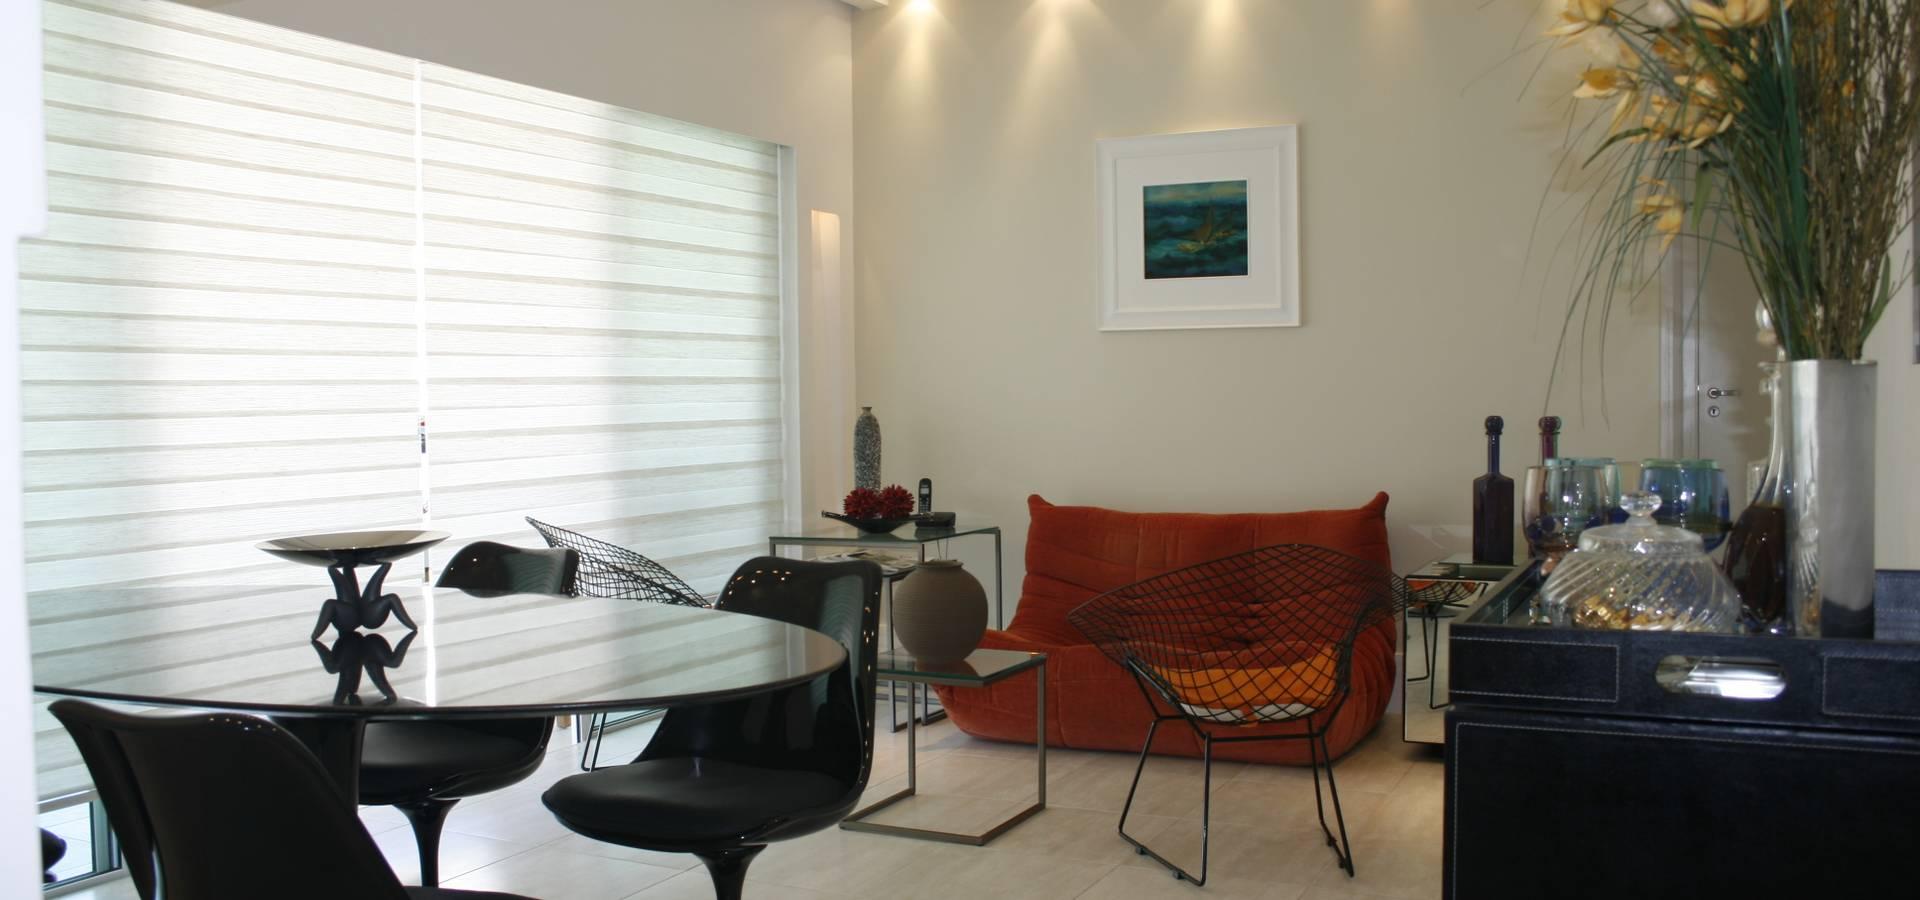 Eunice Oliveira Arquitetura e Interiores